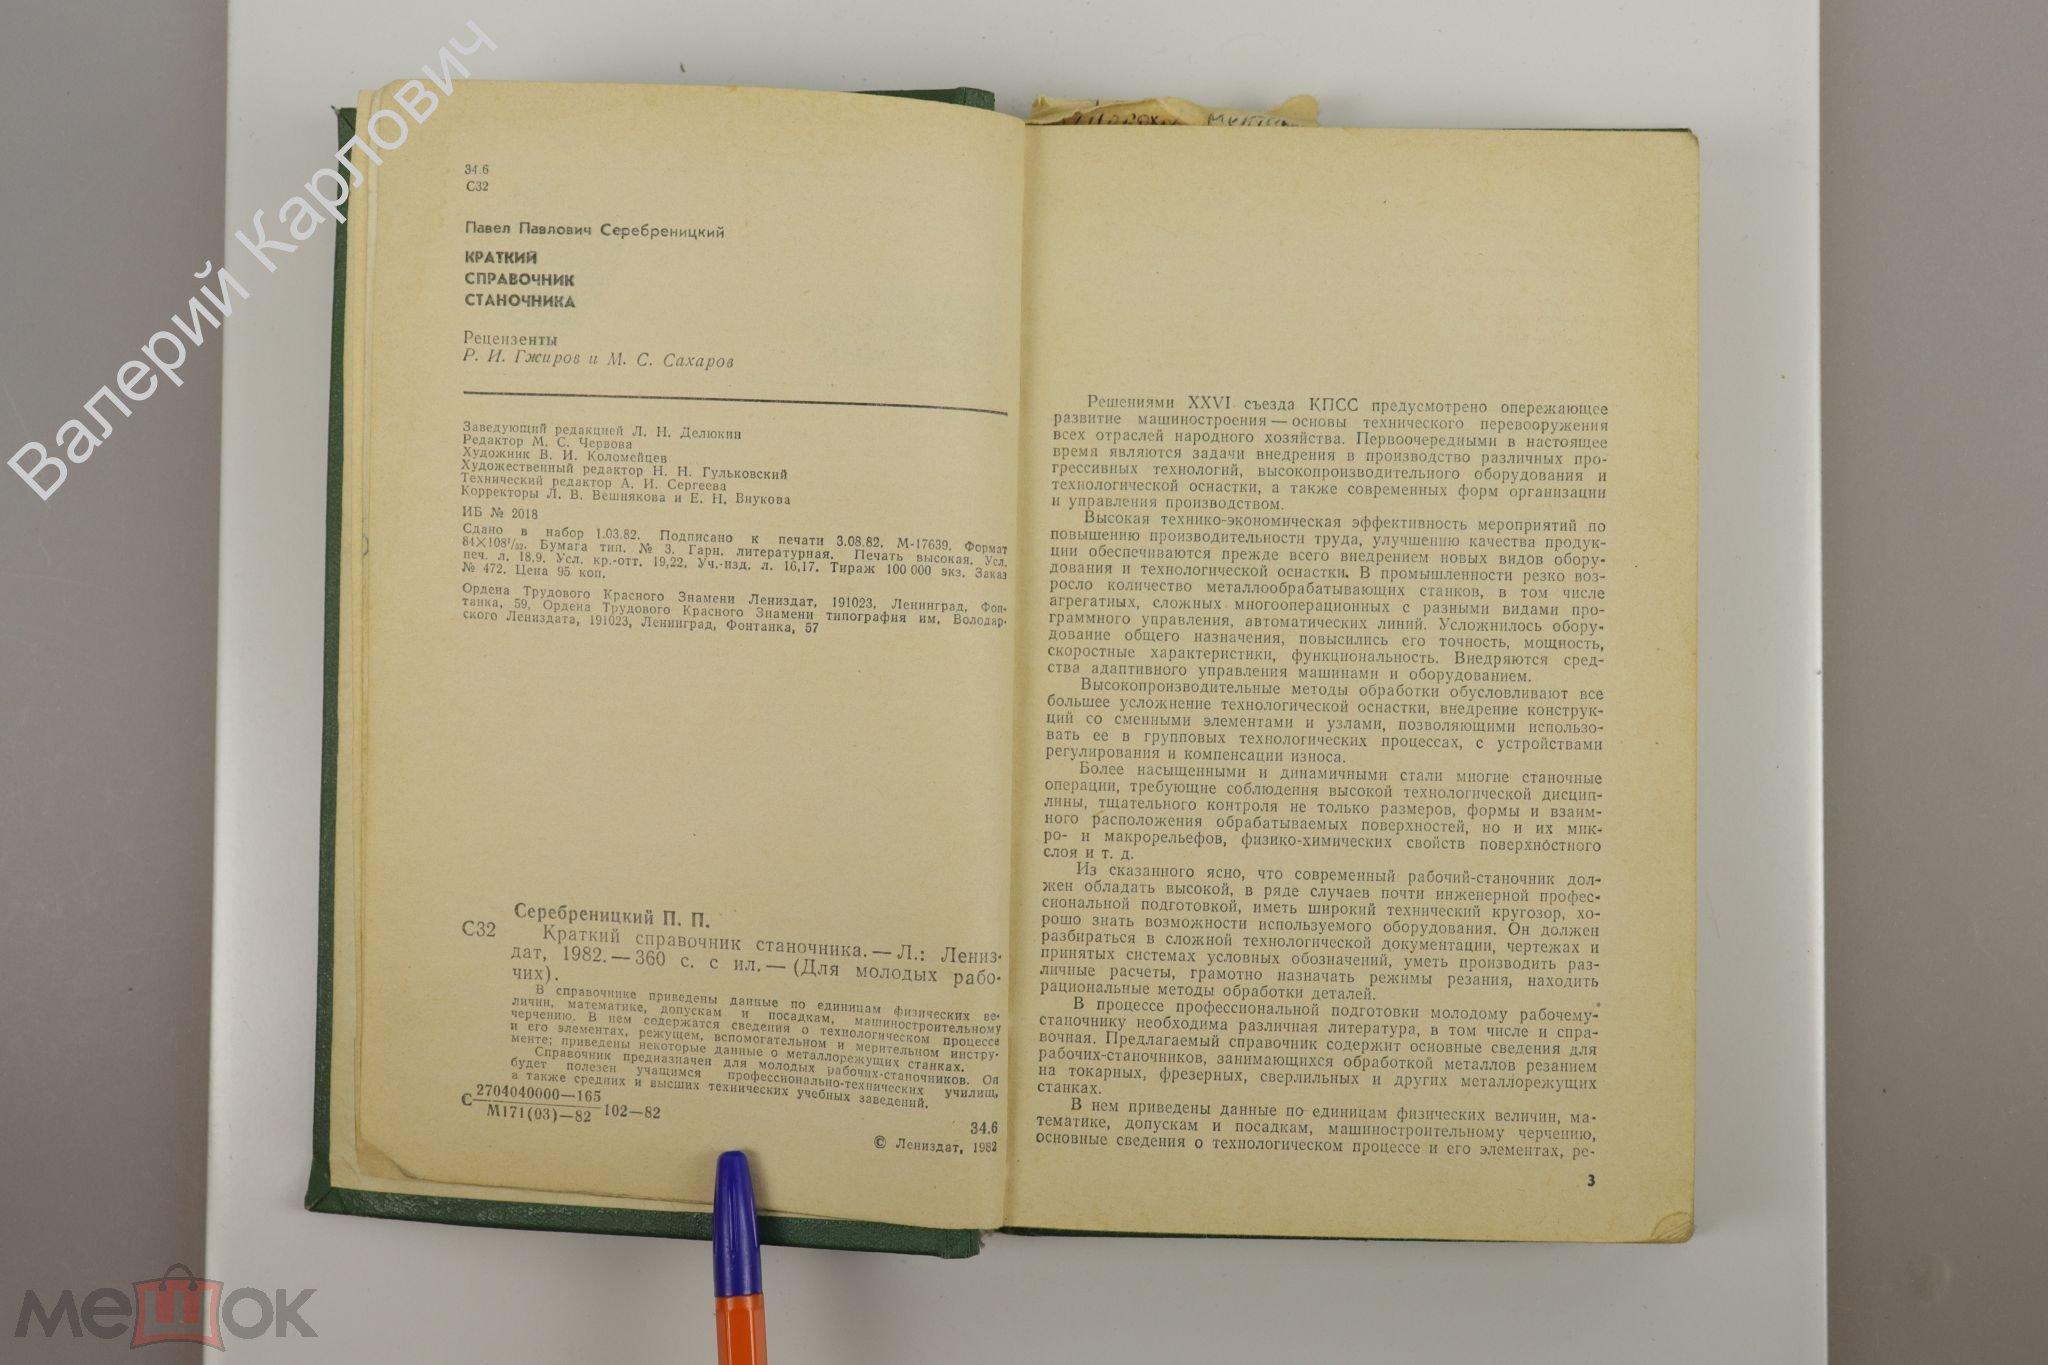 Серебреницкий П. Краткий справочник станочника. Л. Лениздат 1982 г. 360 с. илл (Б10727)